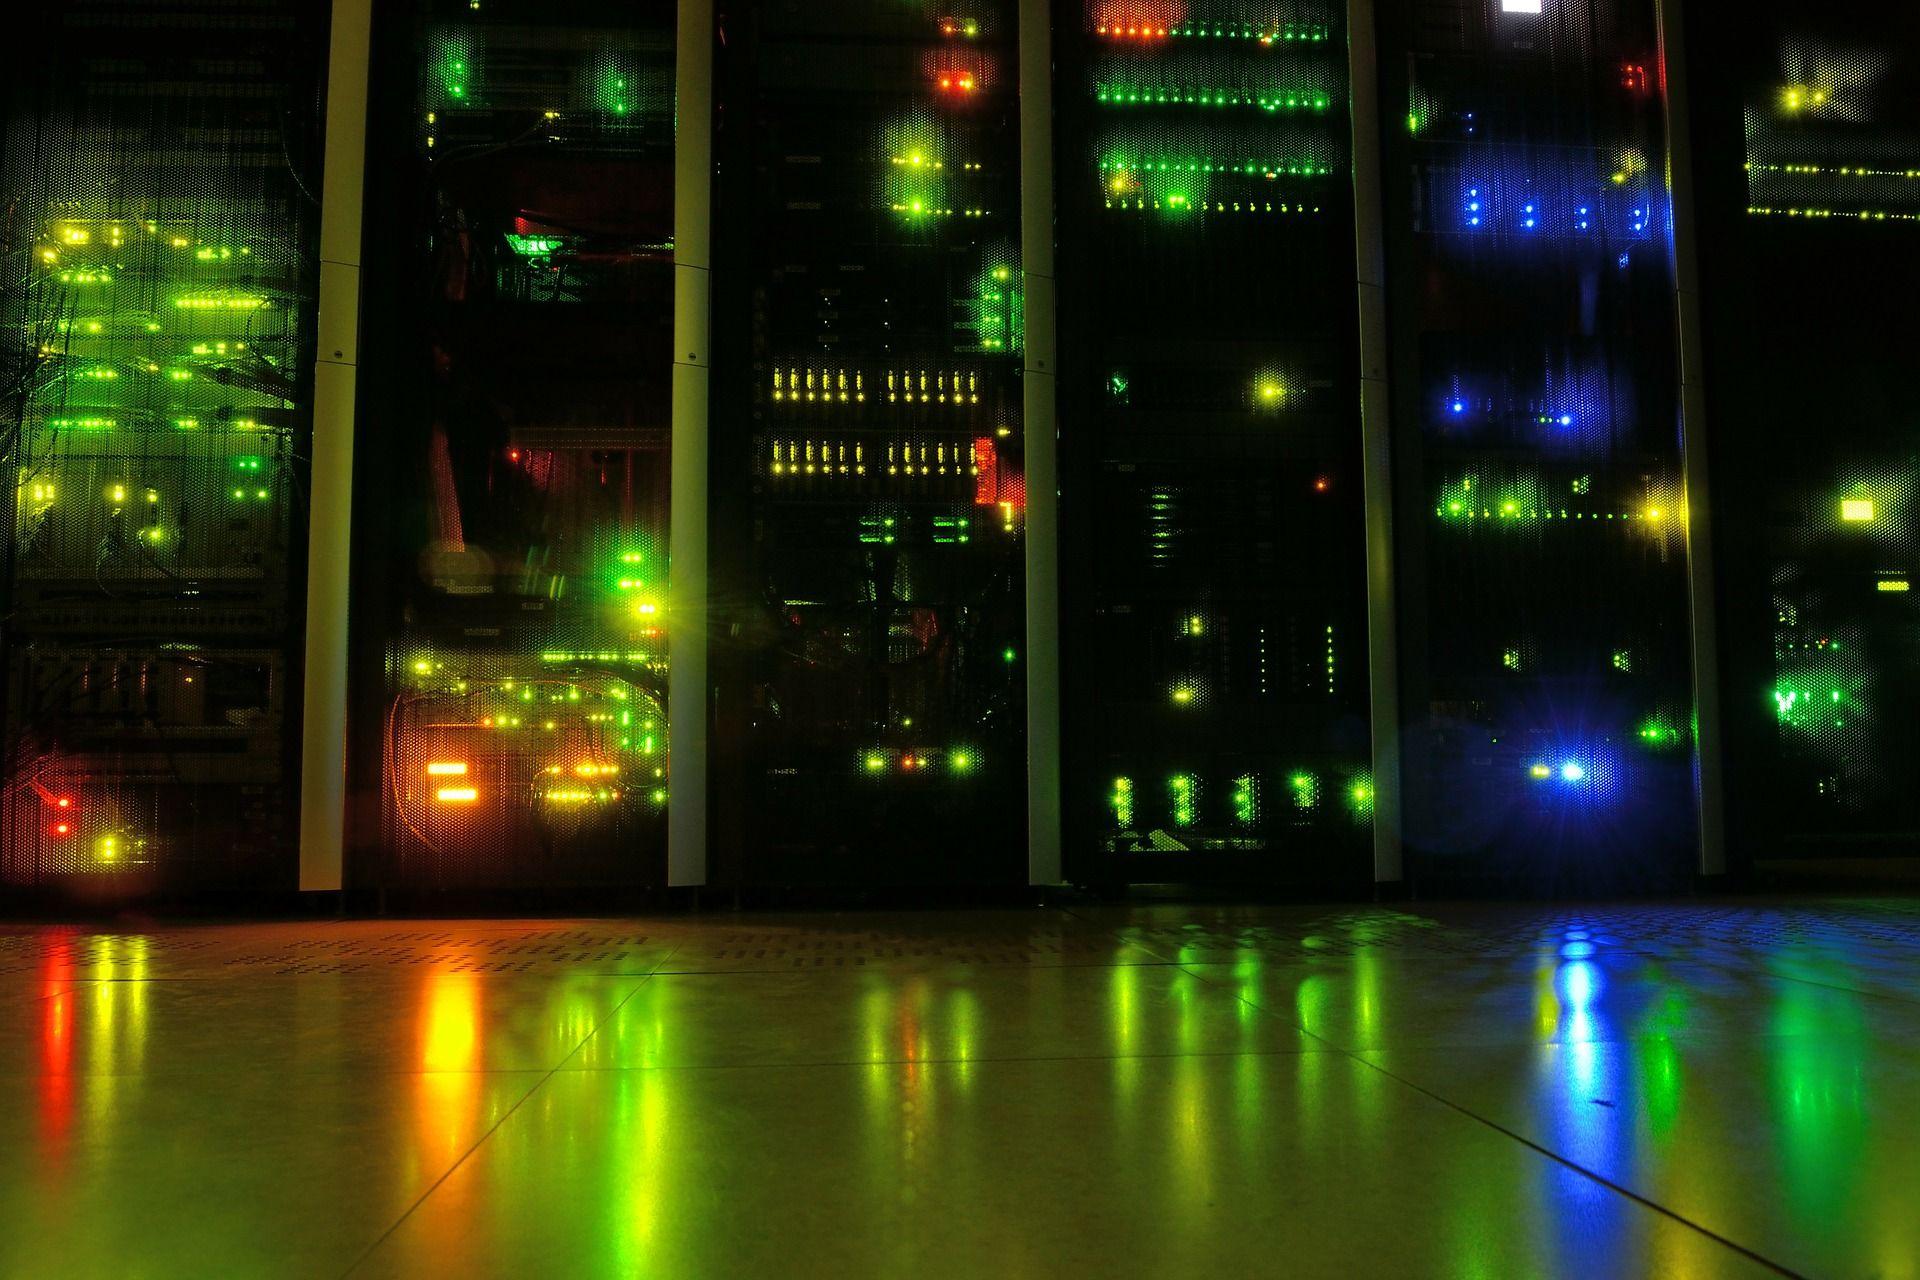 Datenverkehr im Lockdown in schwindelerregender Höhe